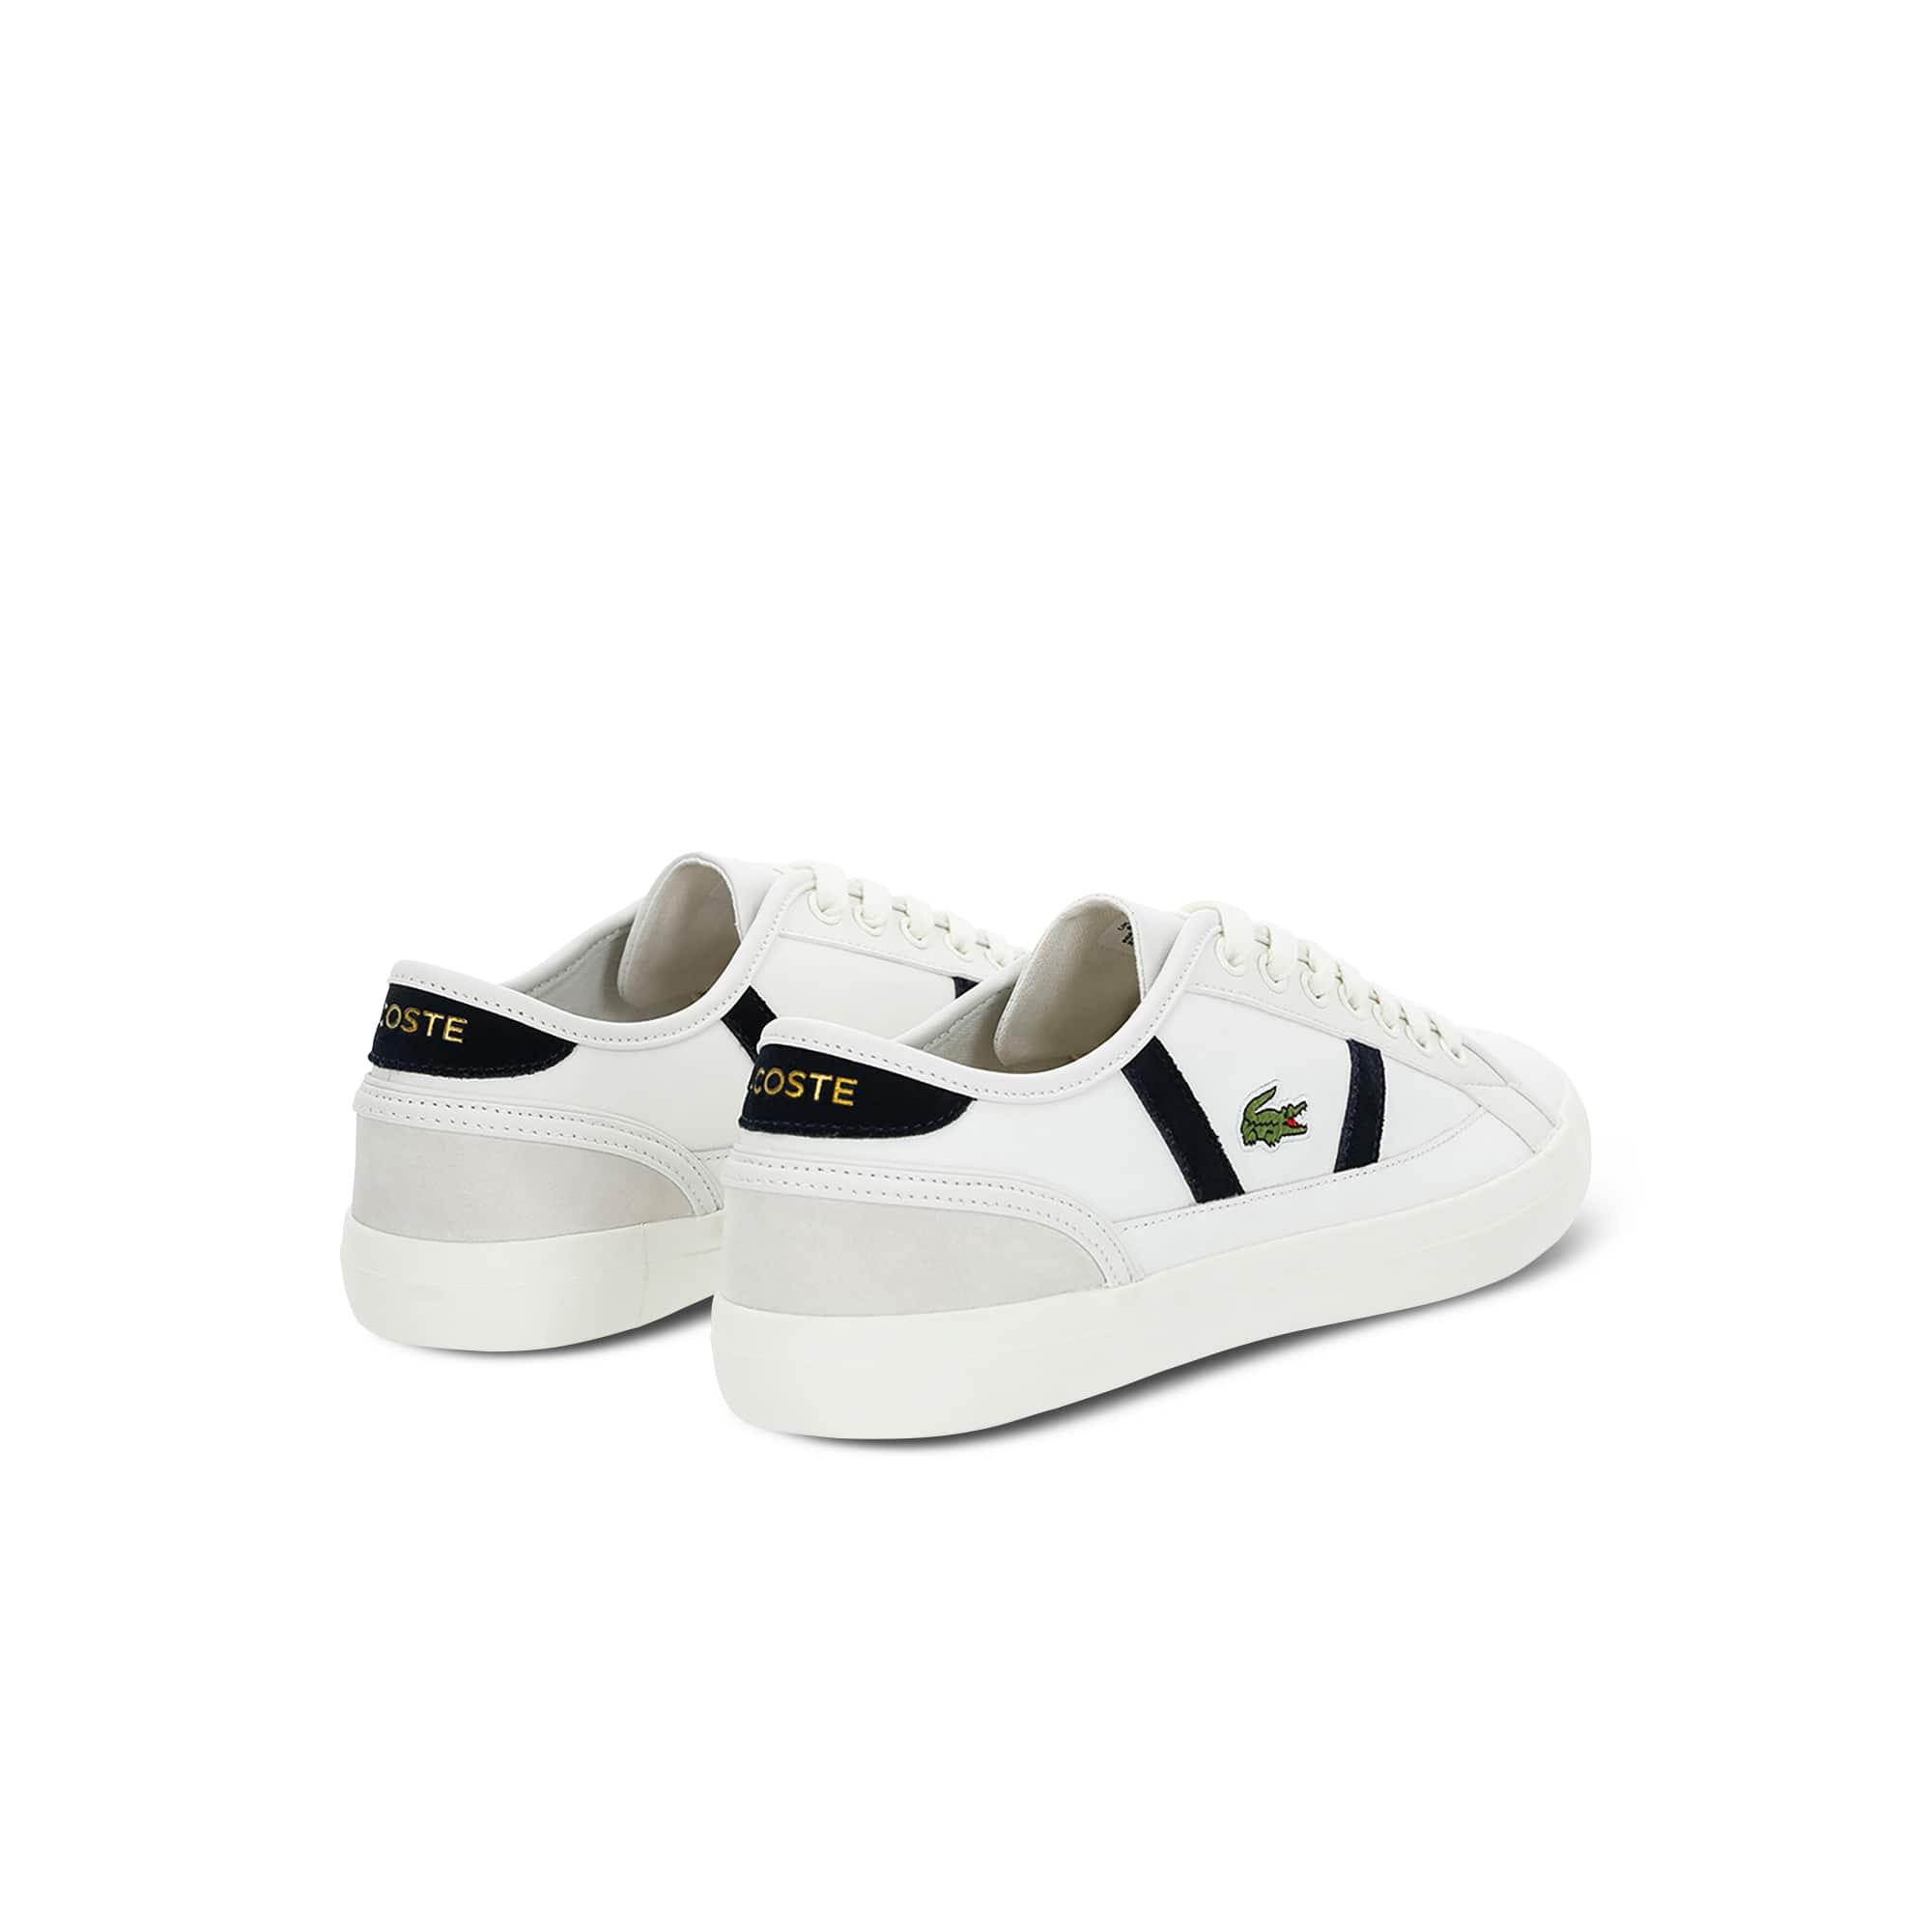 lacoste men's sideline sneakers